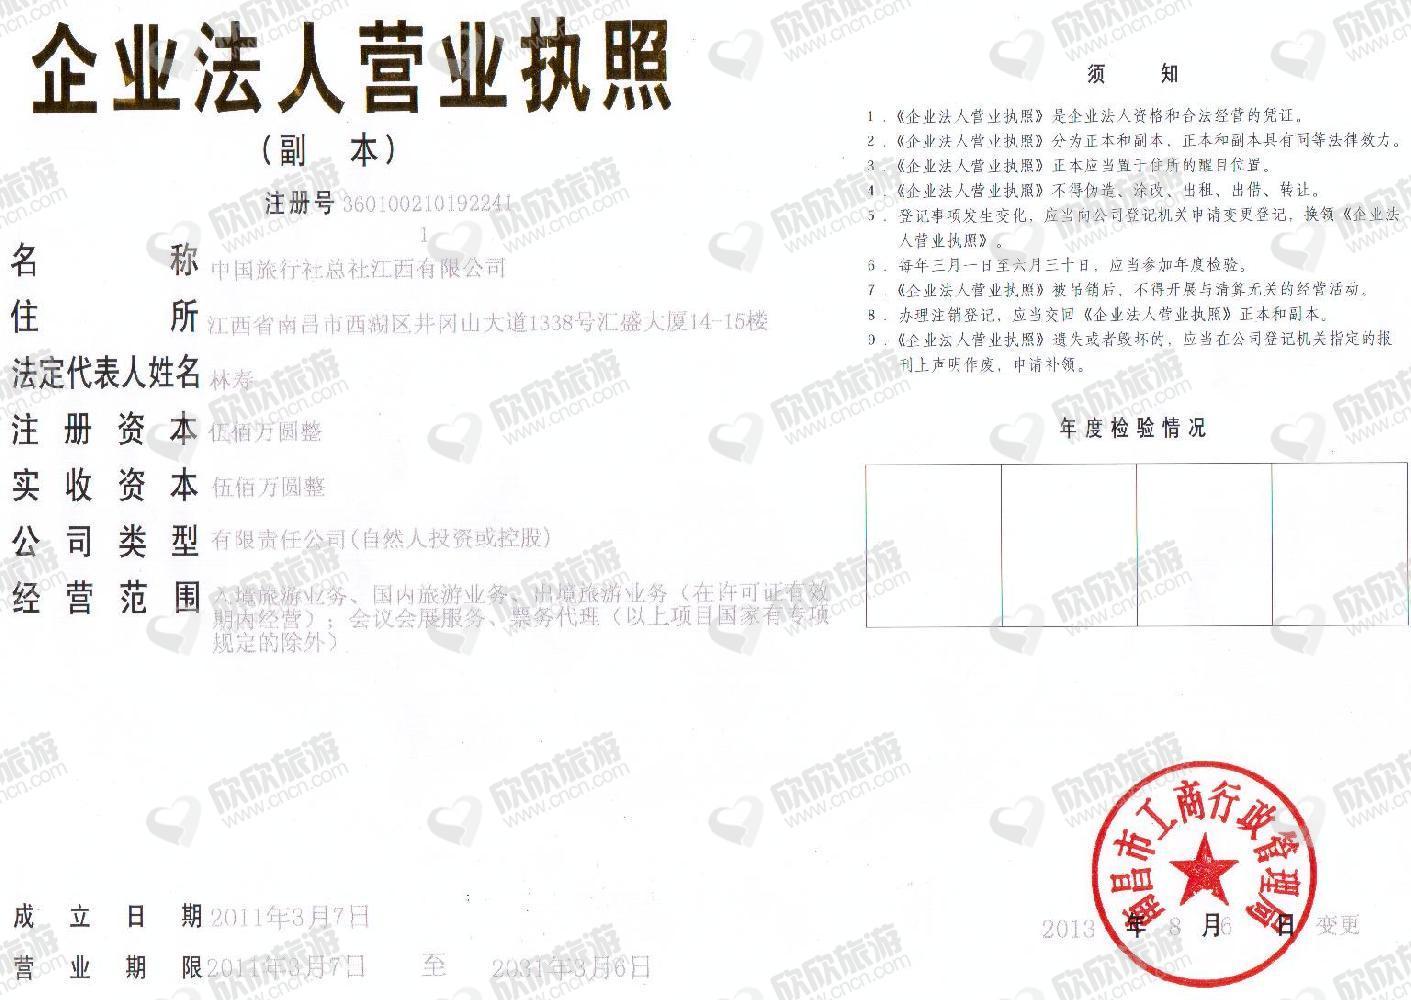 中国旅行社总社江西有限公司营业执照